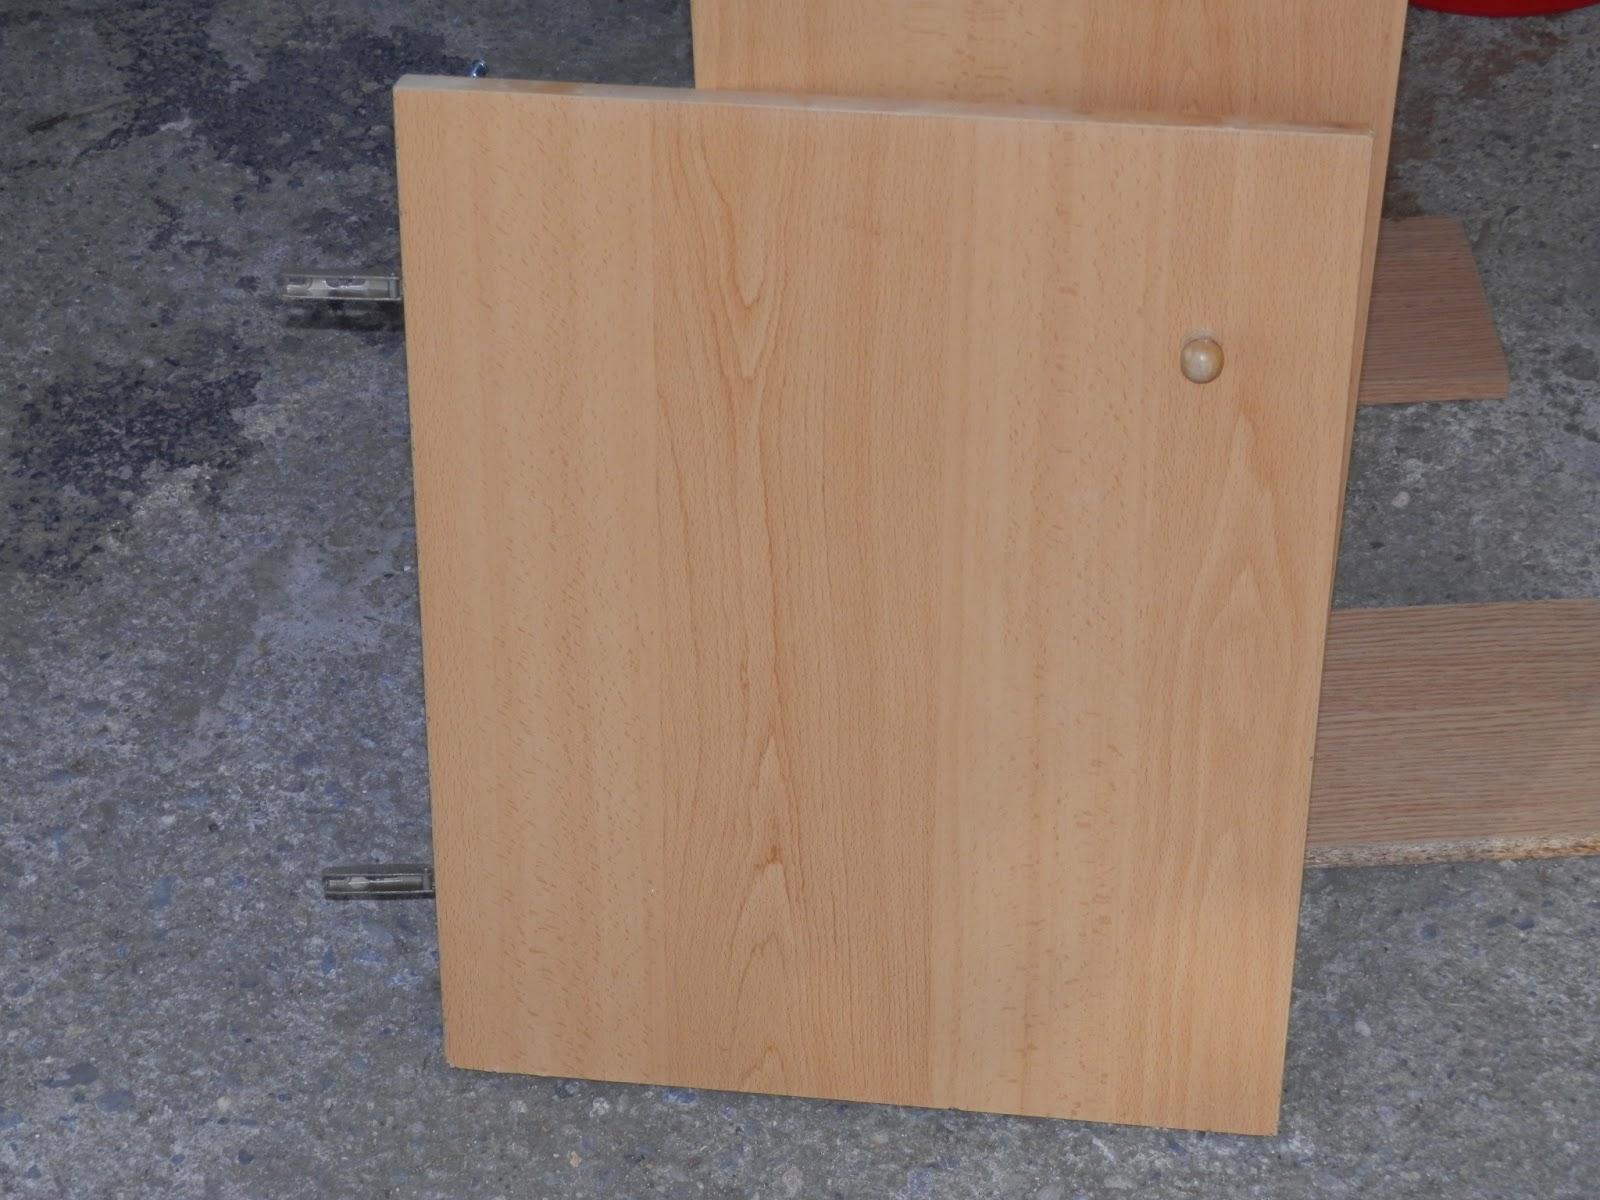 aprovechando pintar mueble de melamina